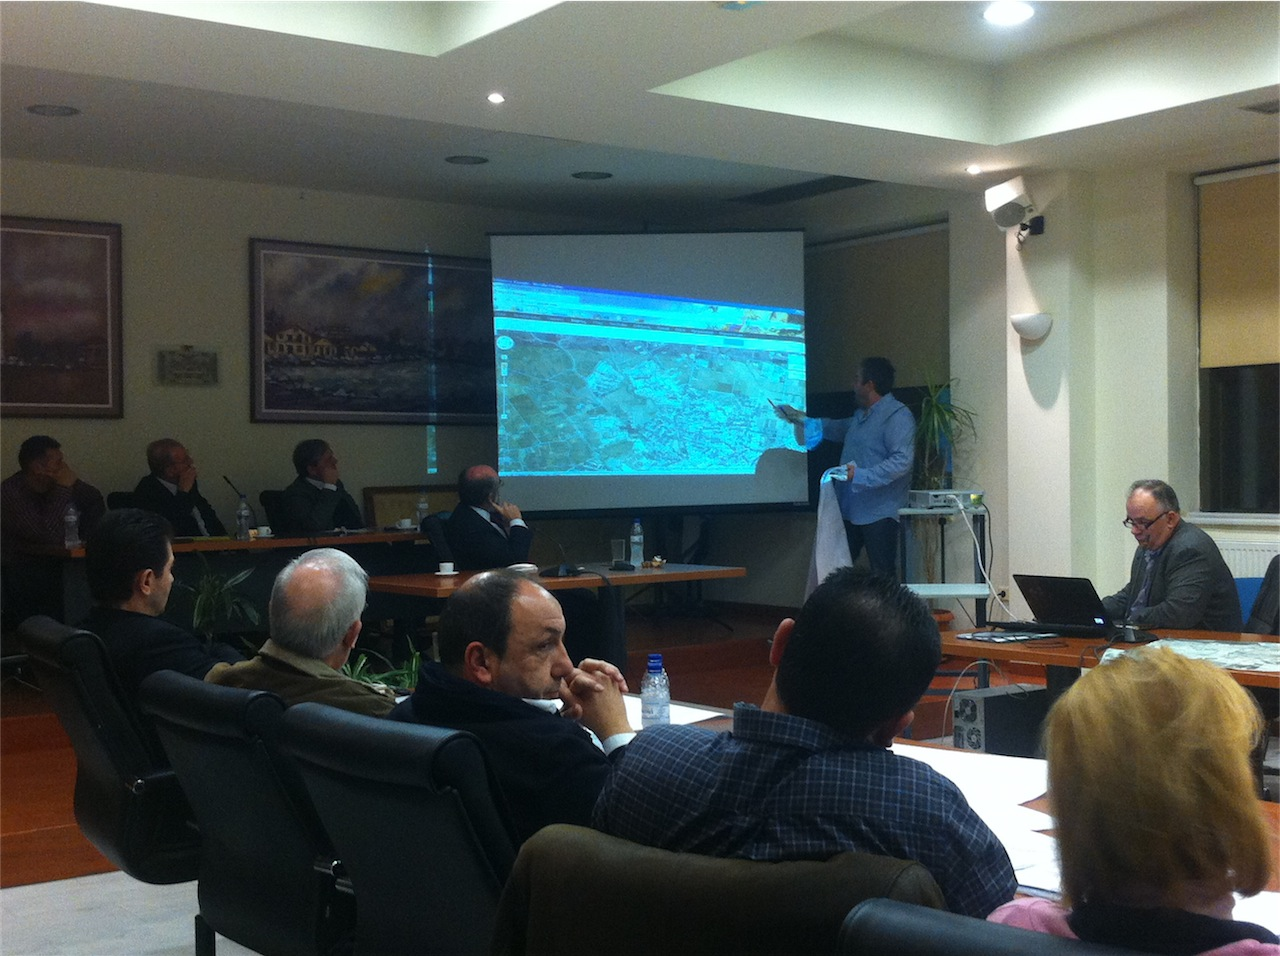 Συνεδρίαση ΔΣ για λύσεις χωροθέτησης σταθμού ΚΤΕΛ Αλεξ/πολης (17/1/2013, 19:04)